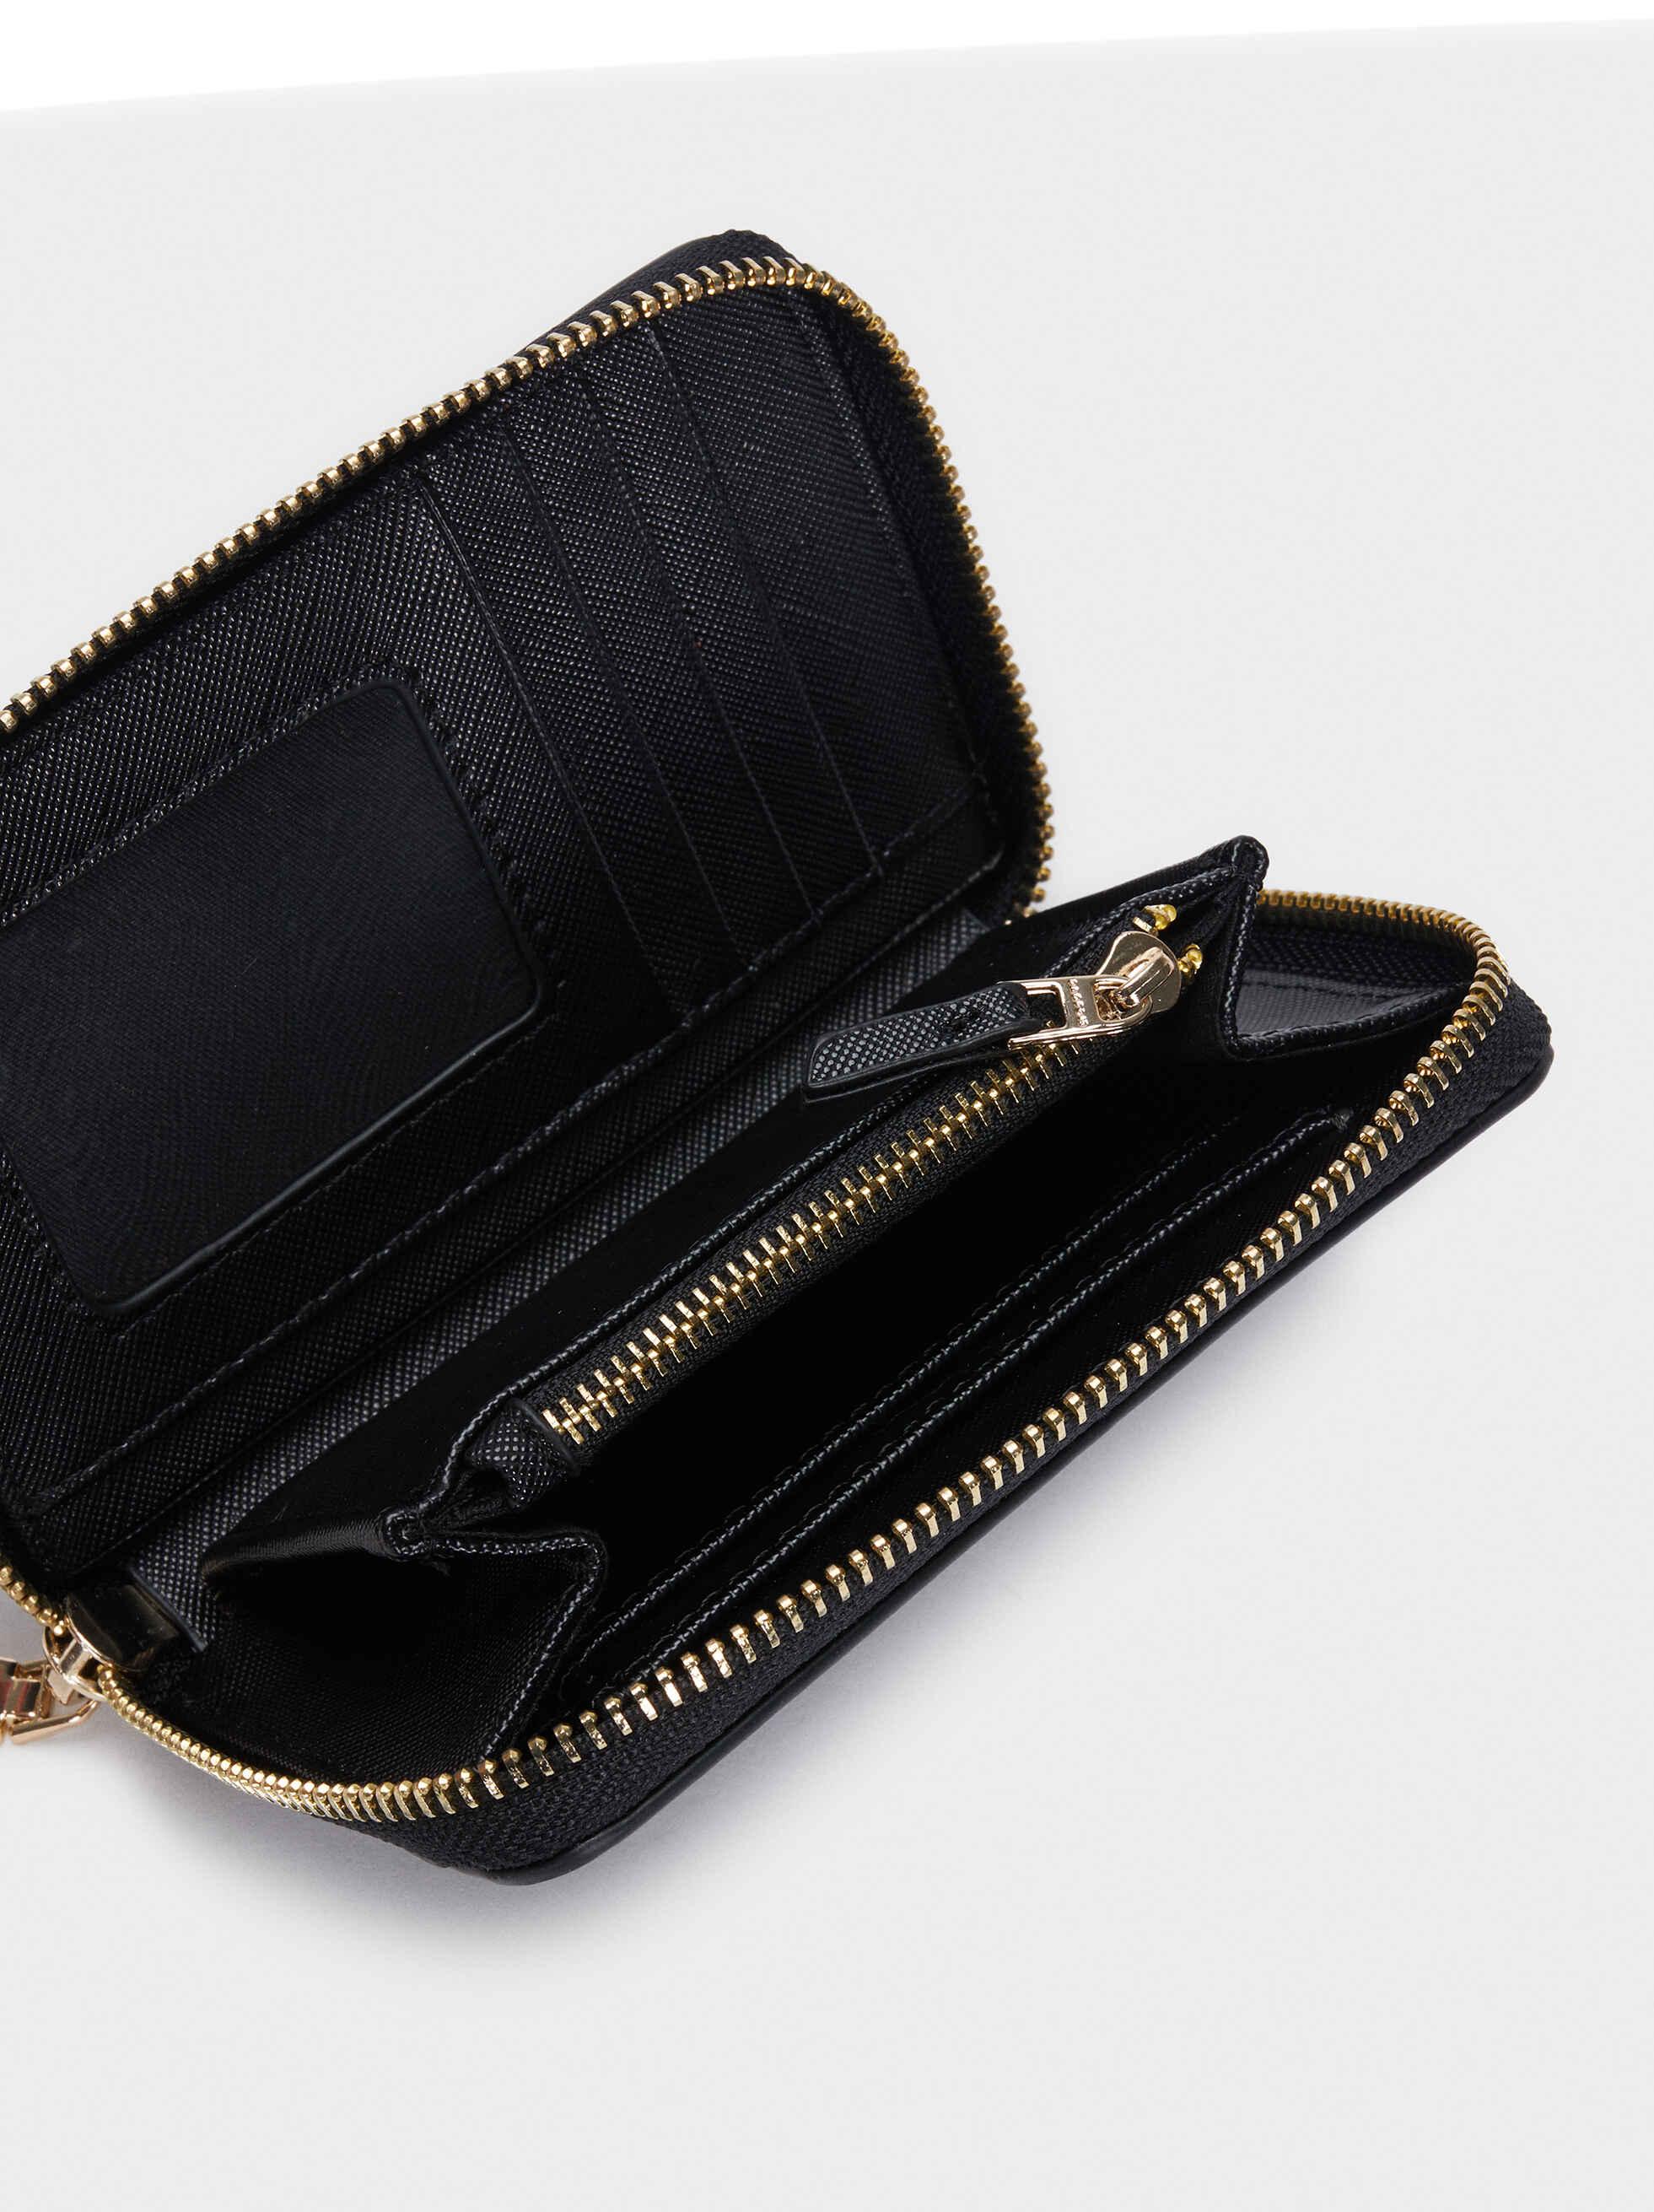 Zipped Purse, Black, hi-res